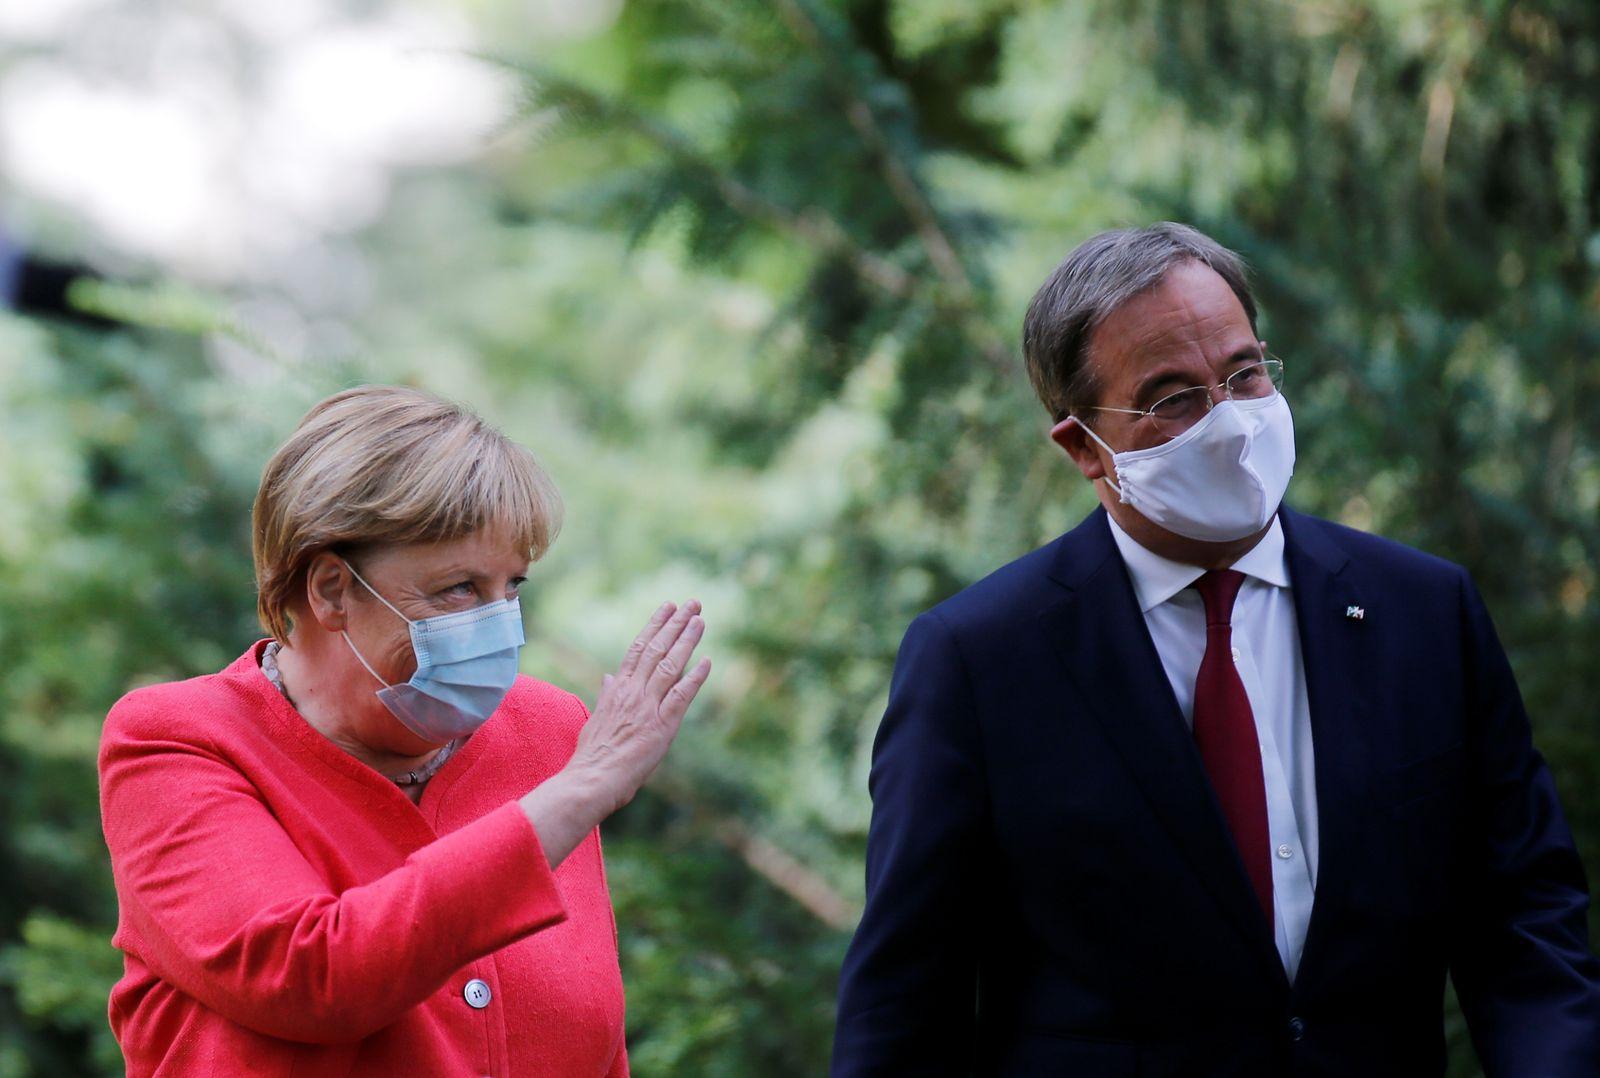 German Chancellor Merkel meets Armin Laschet in Duesseldorf